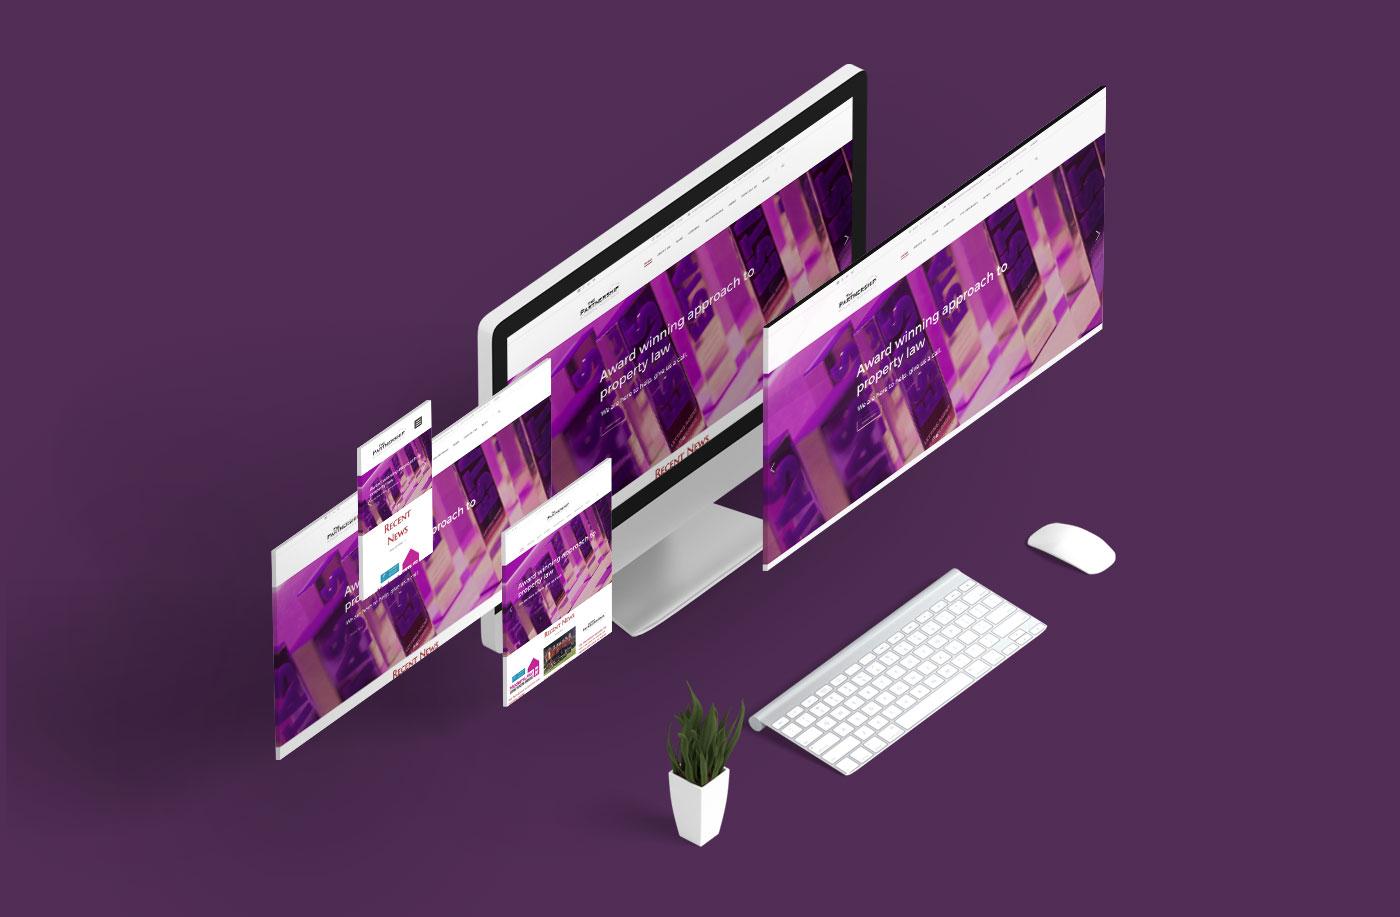 london property solicitor | web design - kmkmk - London Property Solicitor | Web Design